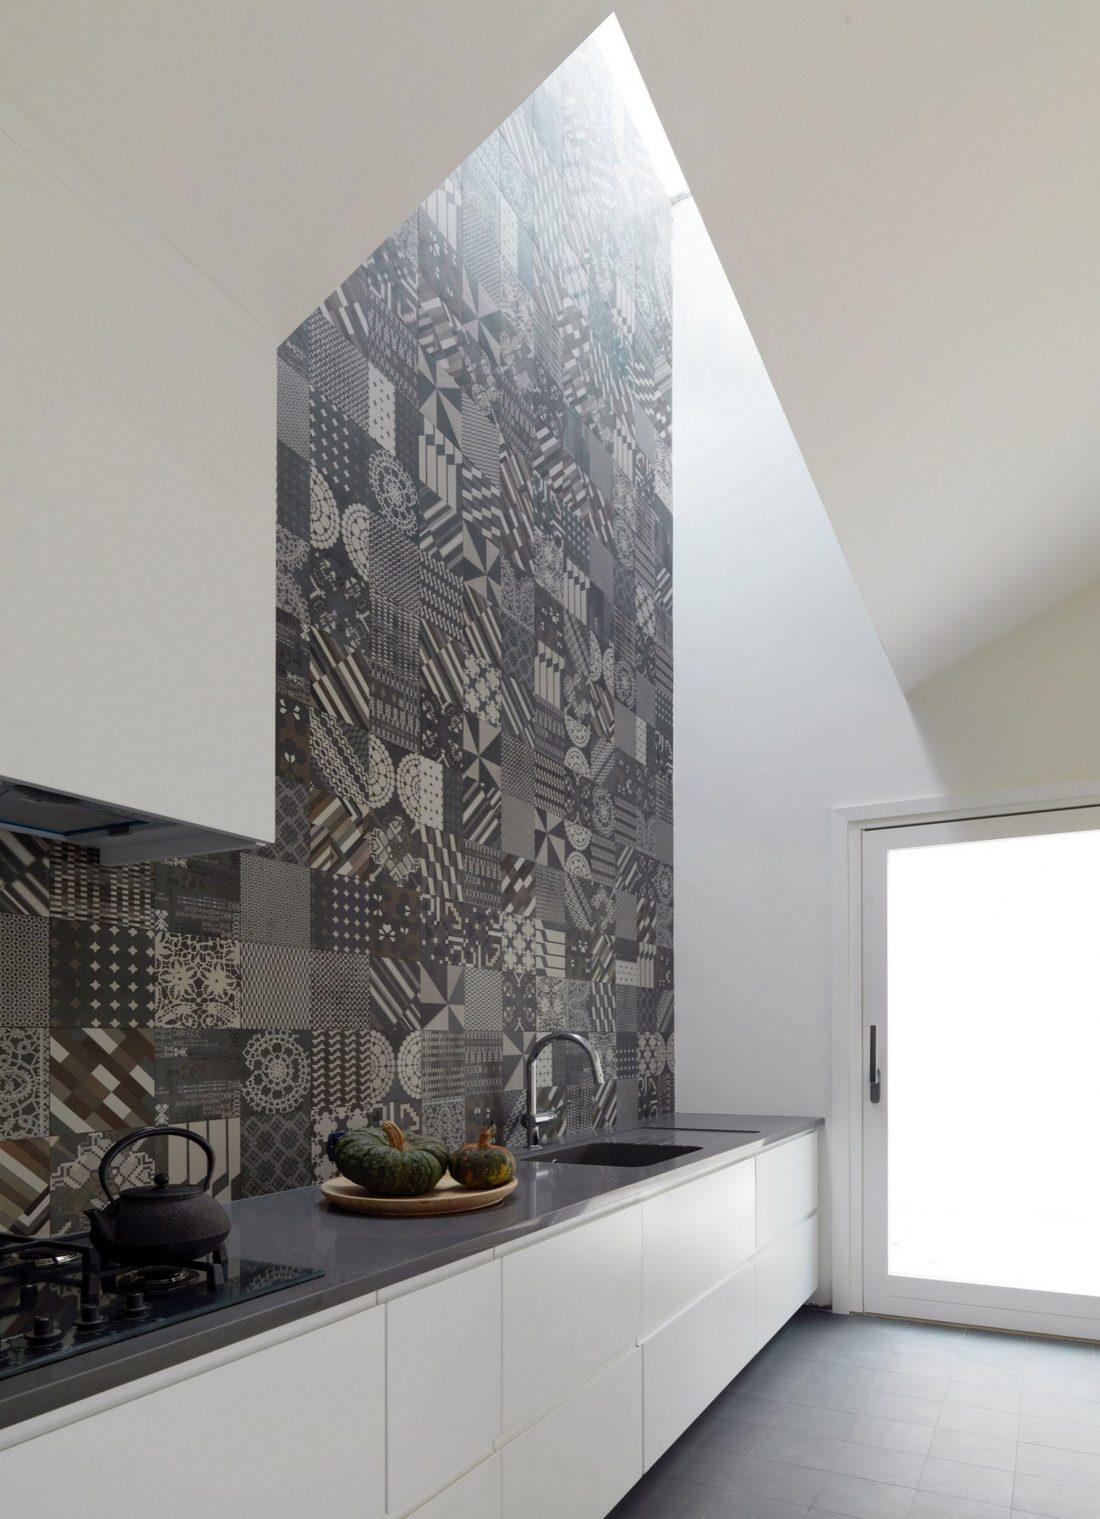 seryj-granitnyj-dom-ot-studii-ifdesign-7